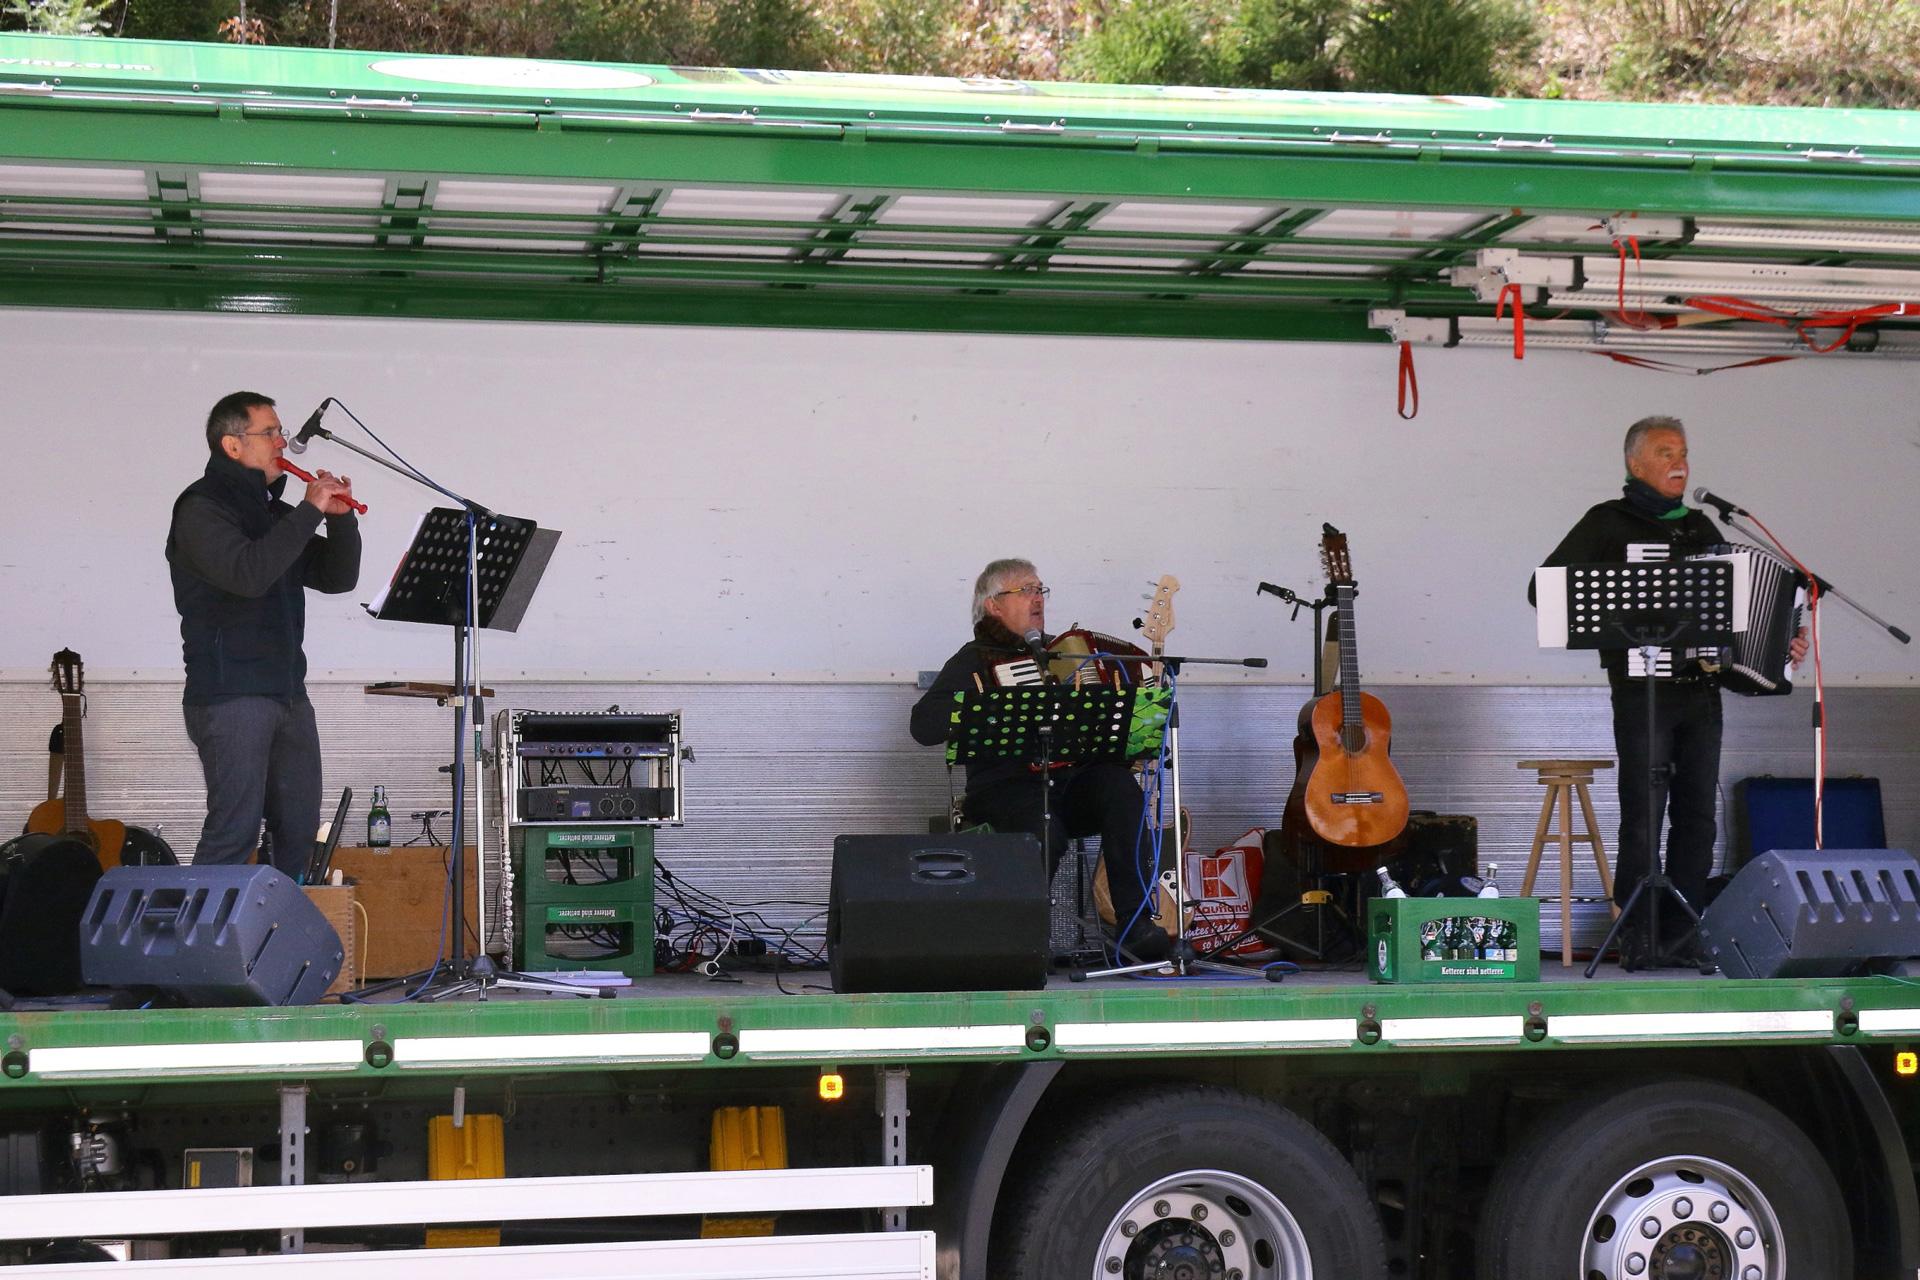 Die Musiker 'd'Grenzgänger' richteten sich auf einem Ketterer-LKW ein und hießen die Besucher vor der Brauerei willkommen.